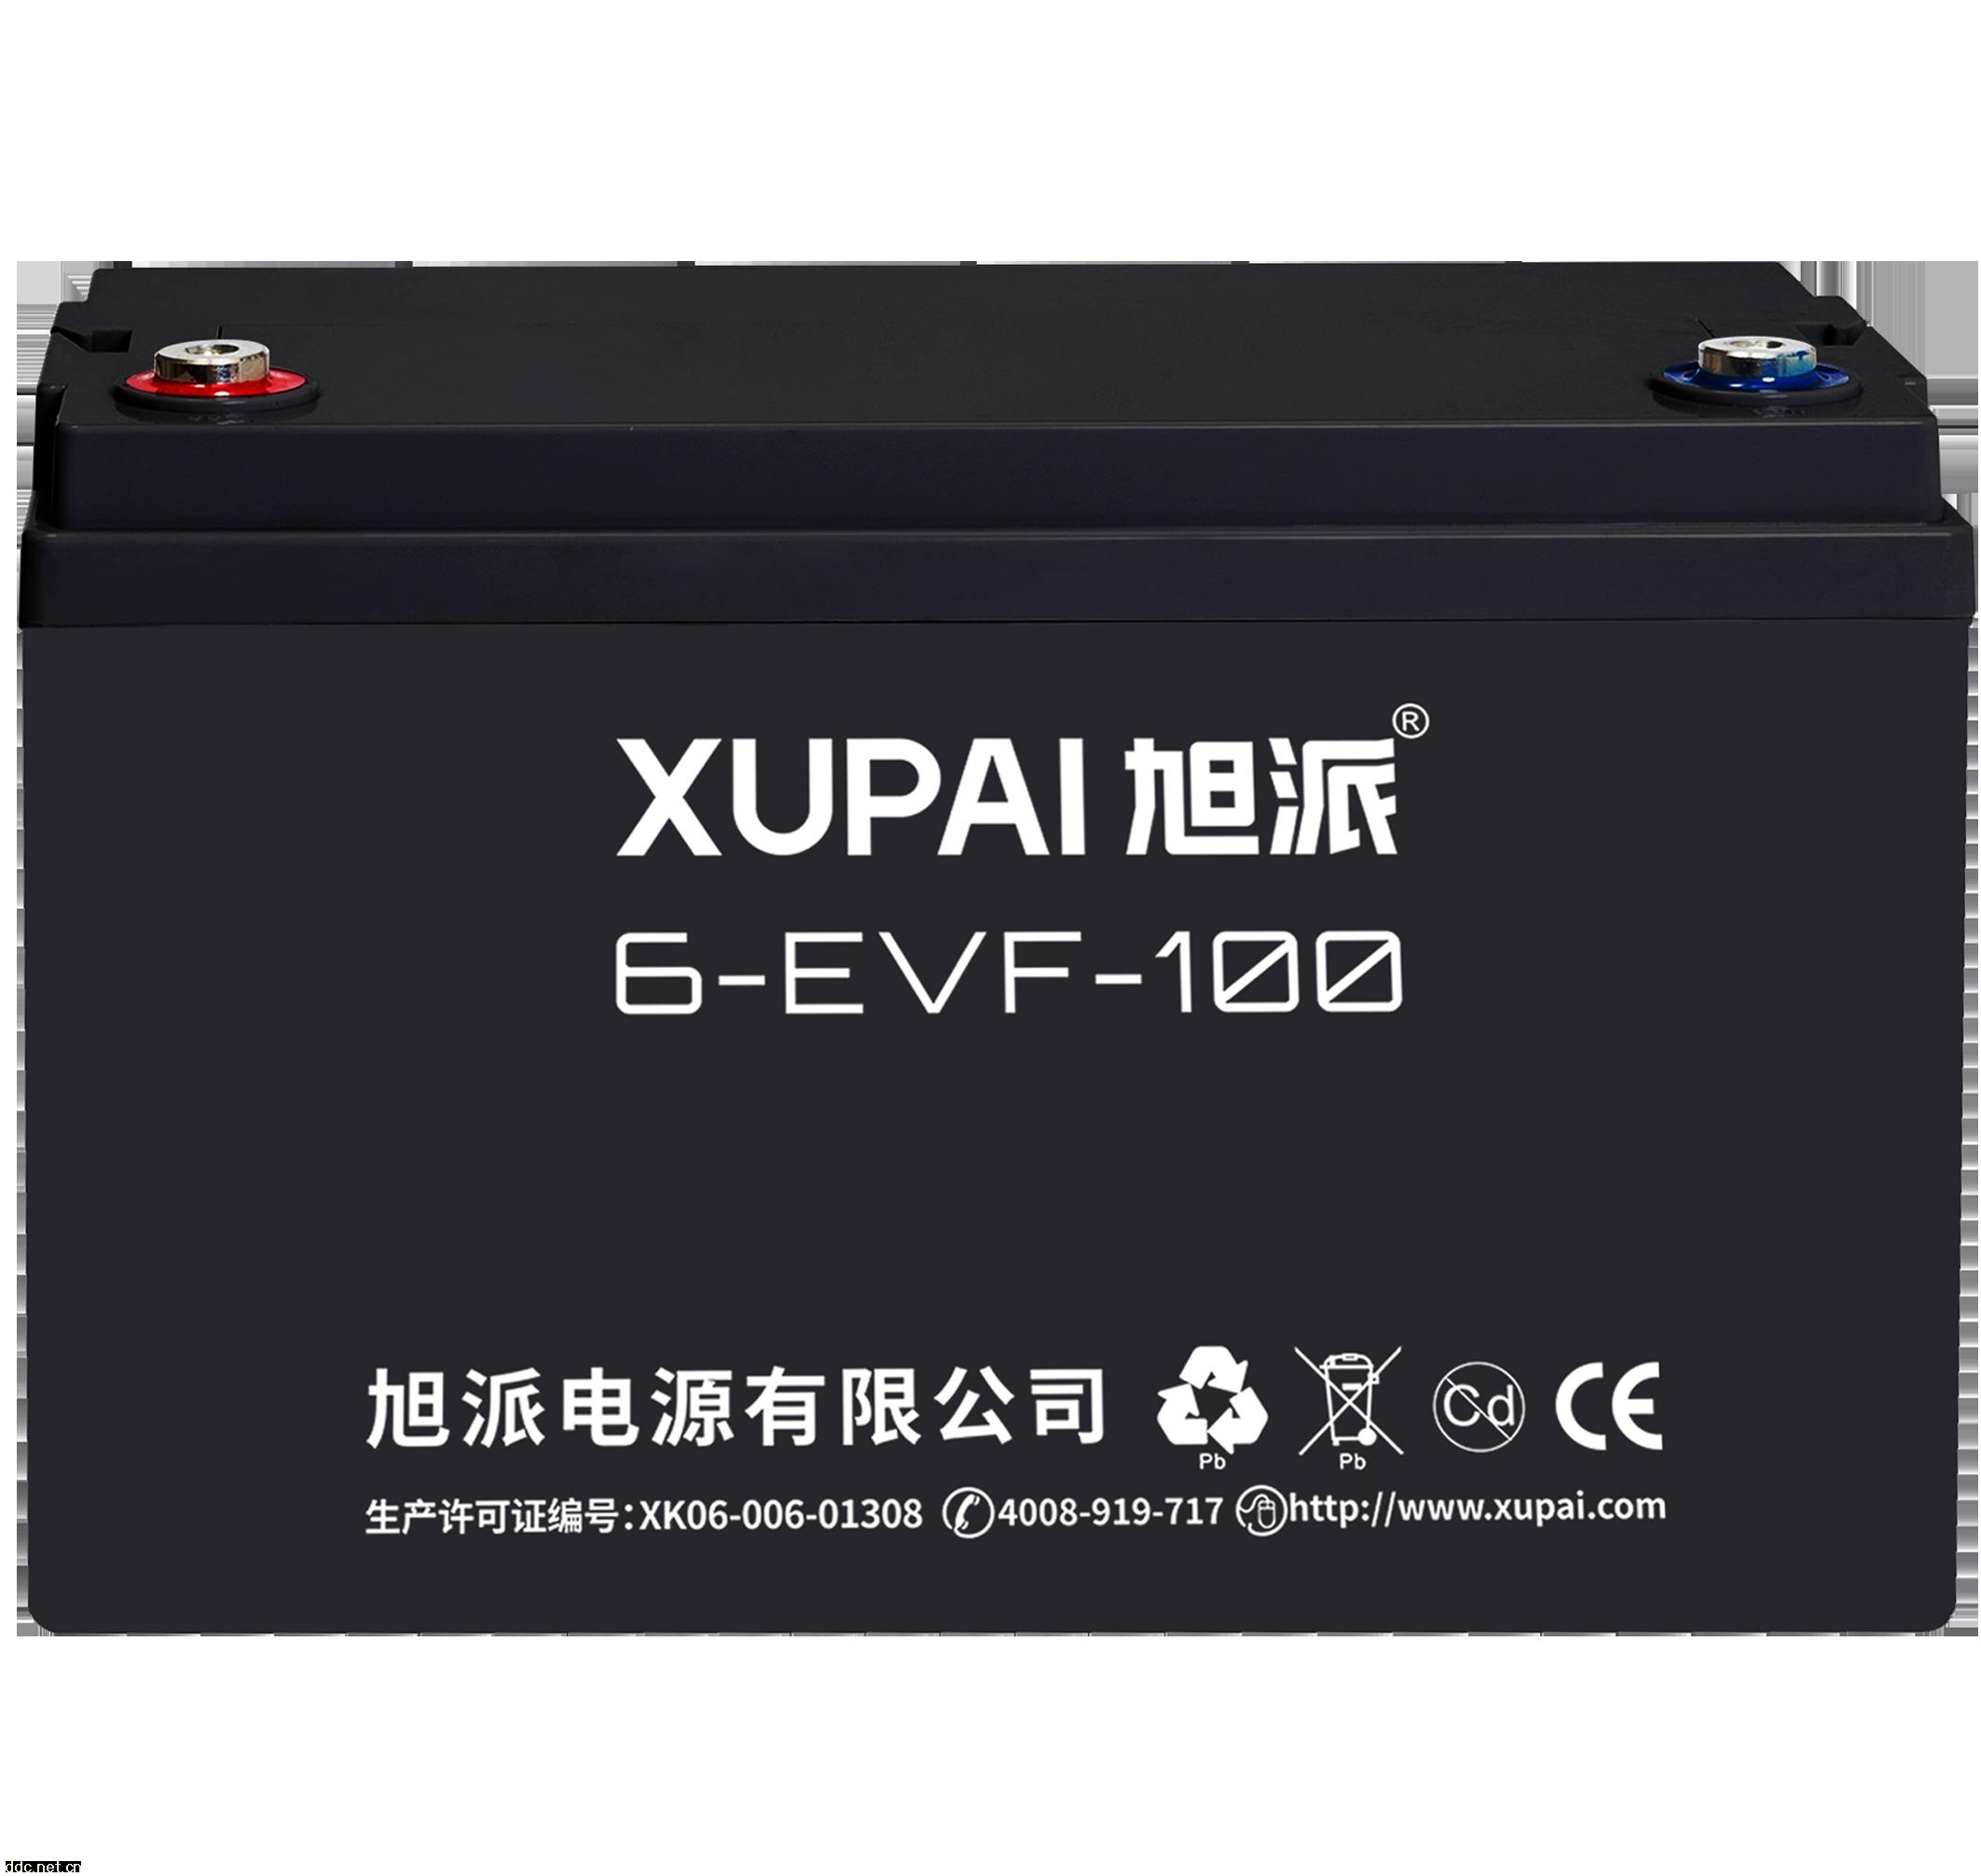 旭派新能源汽车电池